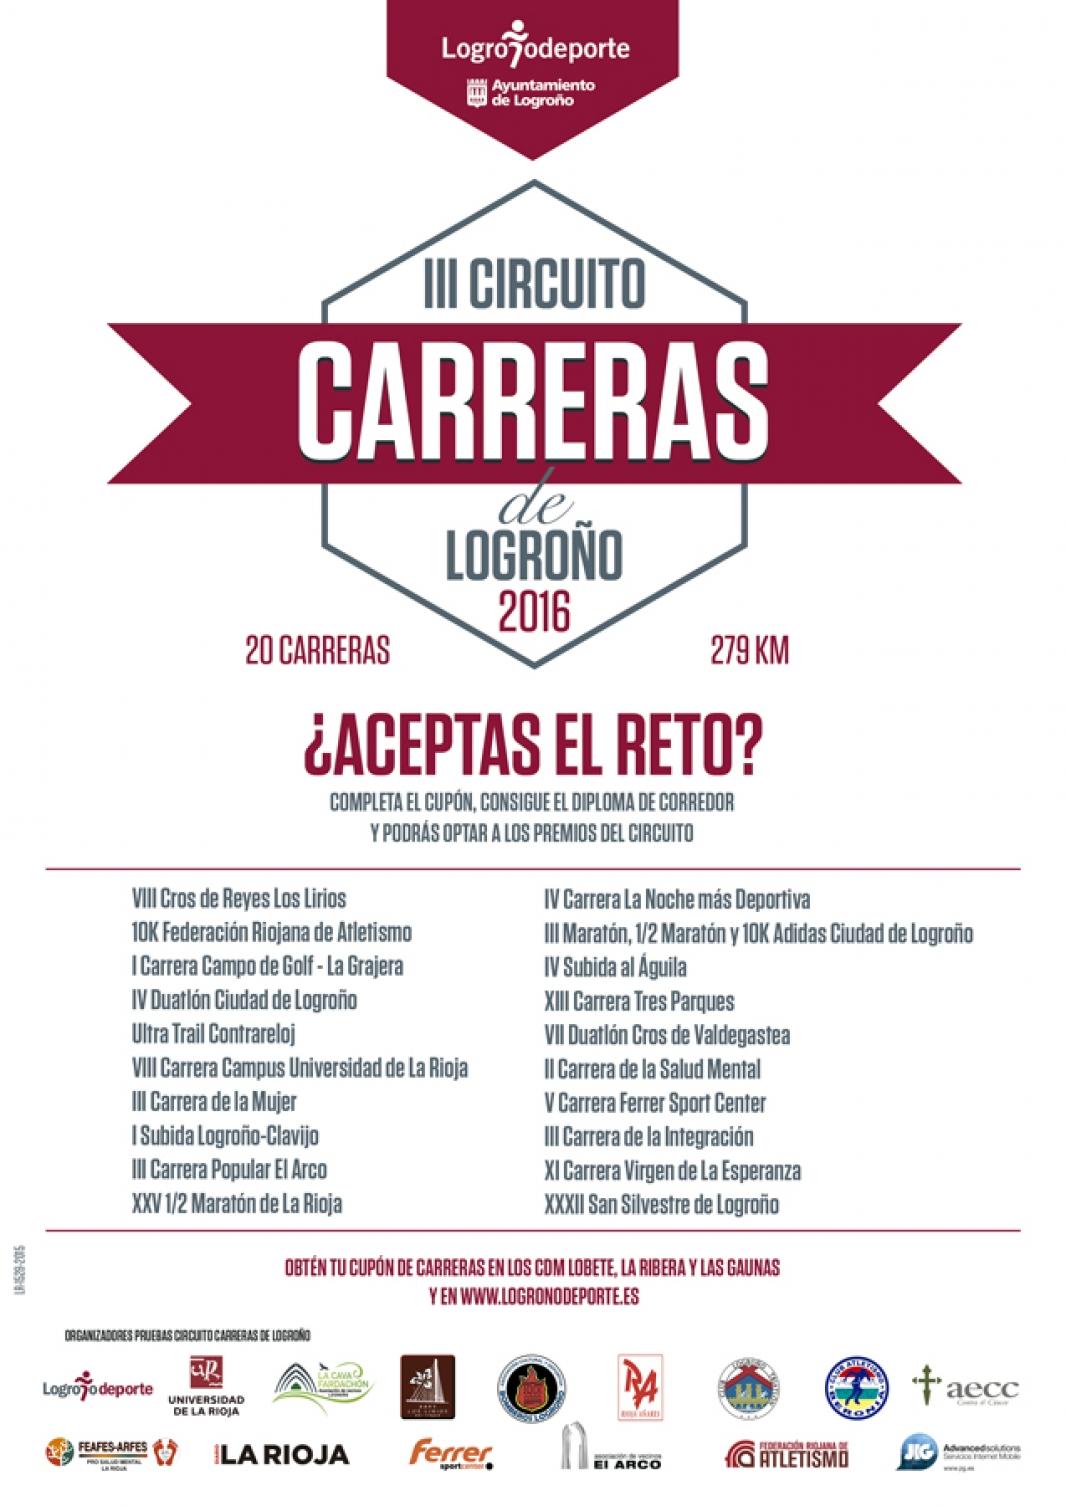 Circuito Mayor : Logroño deporte la gran comunidad del deporte logroñes iii